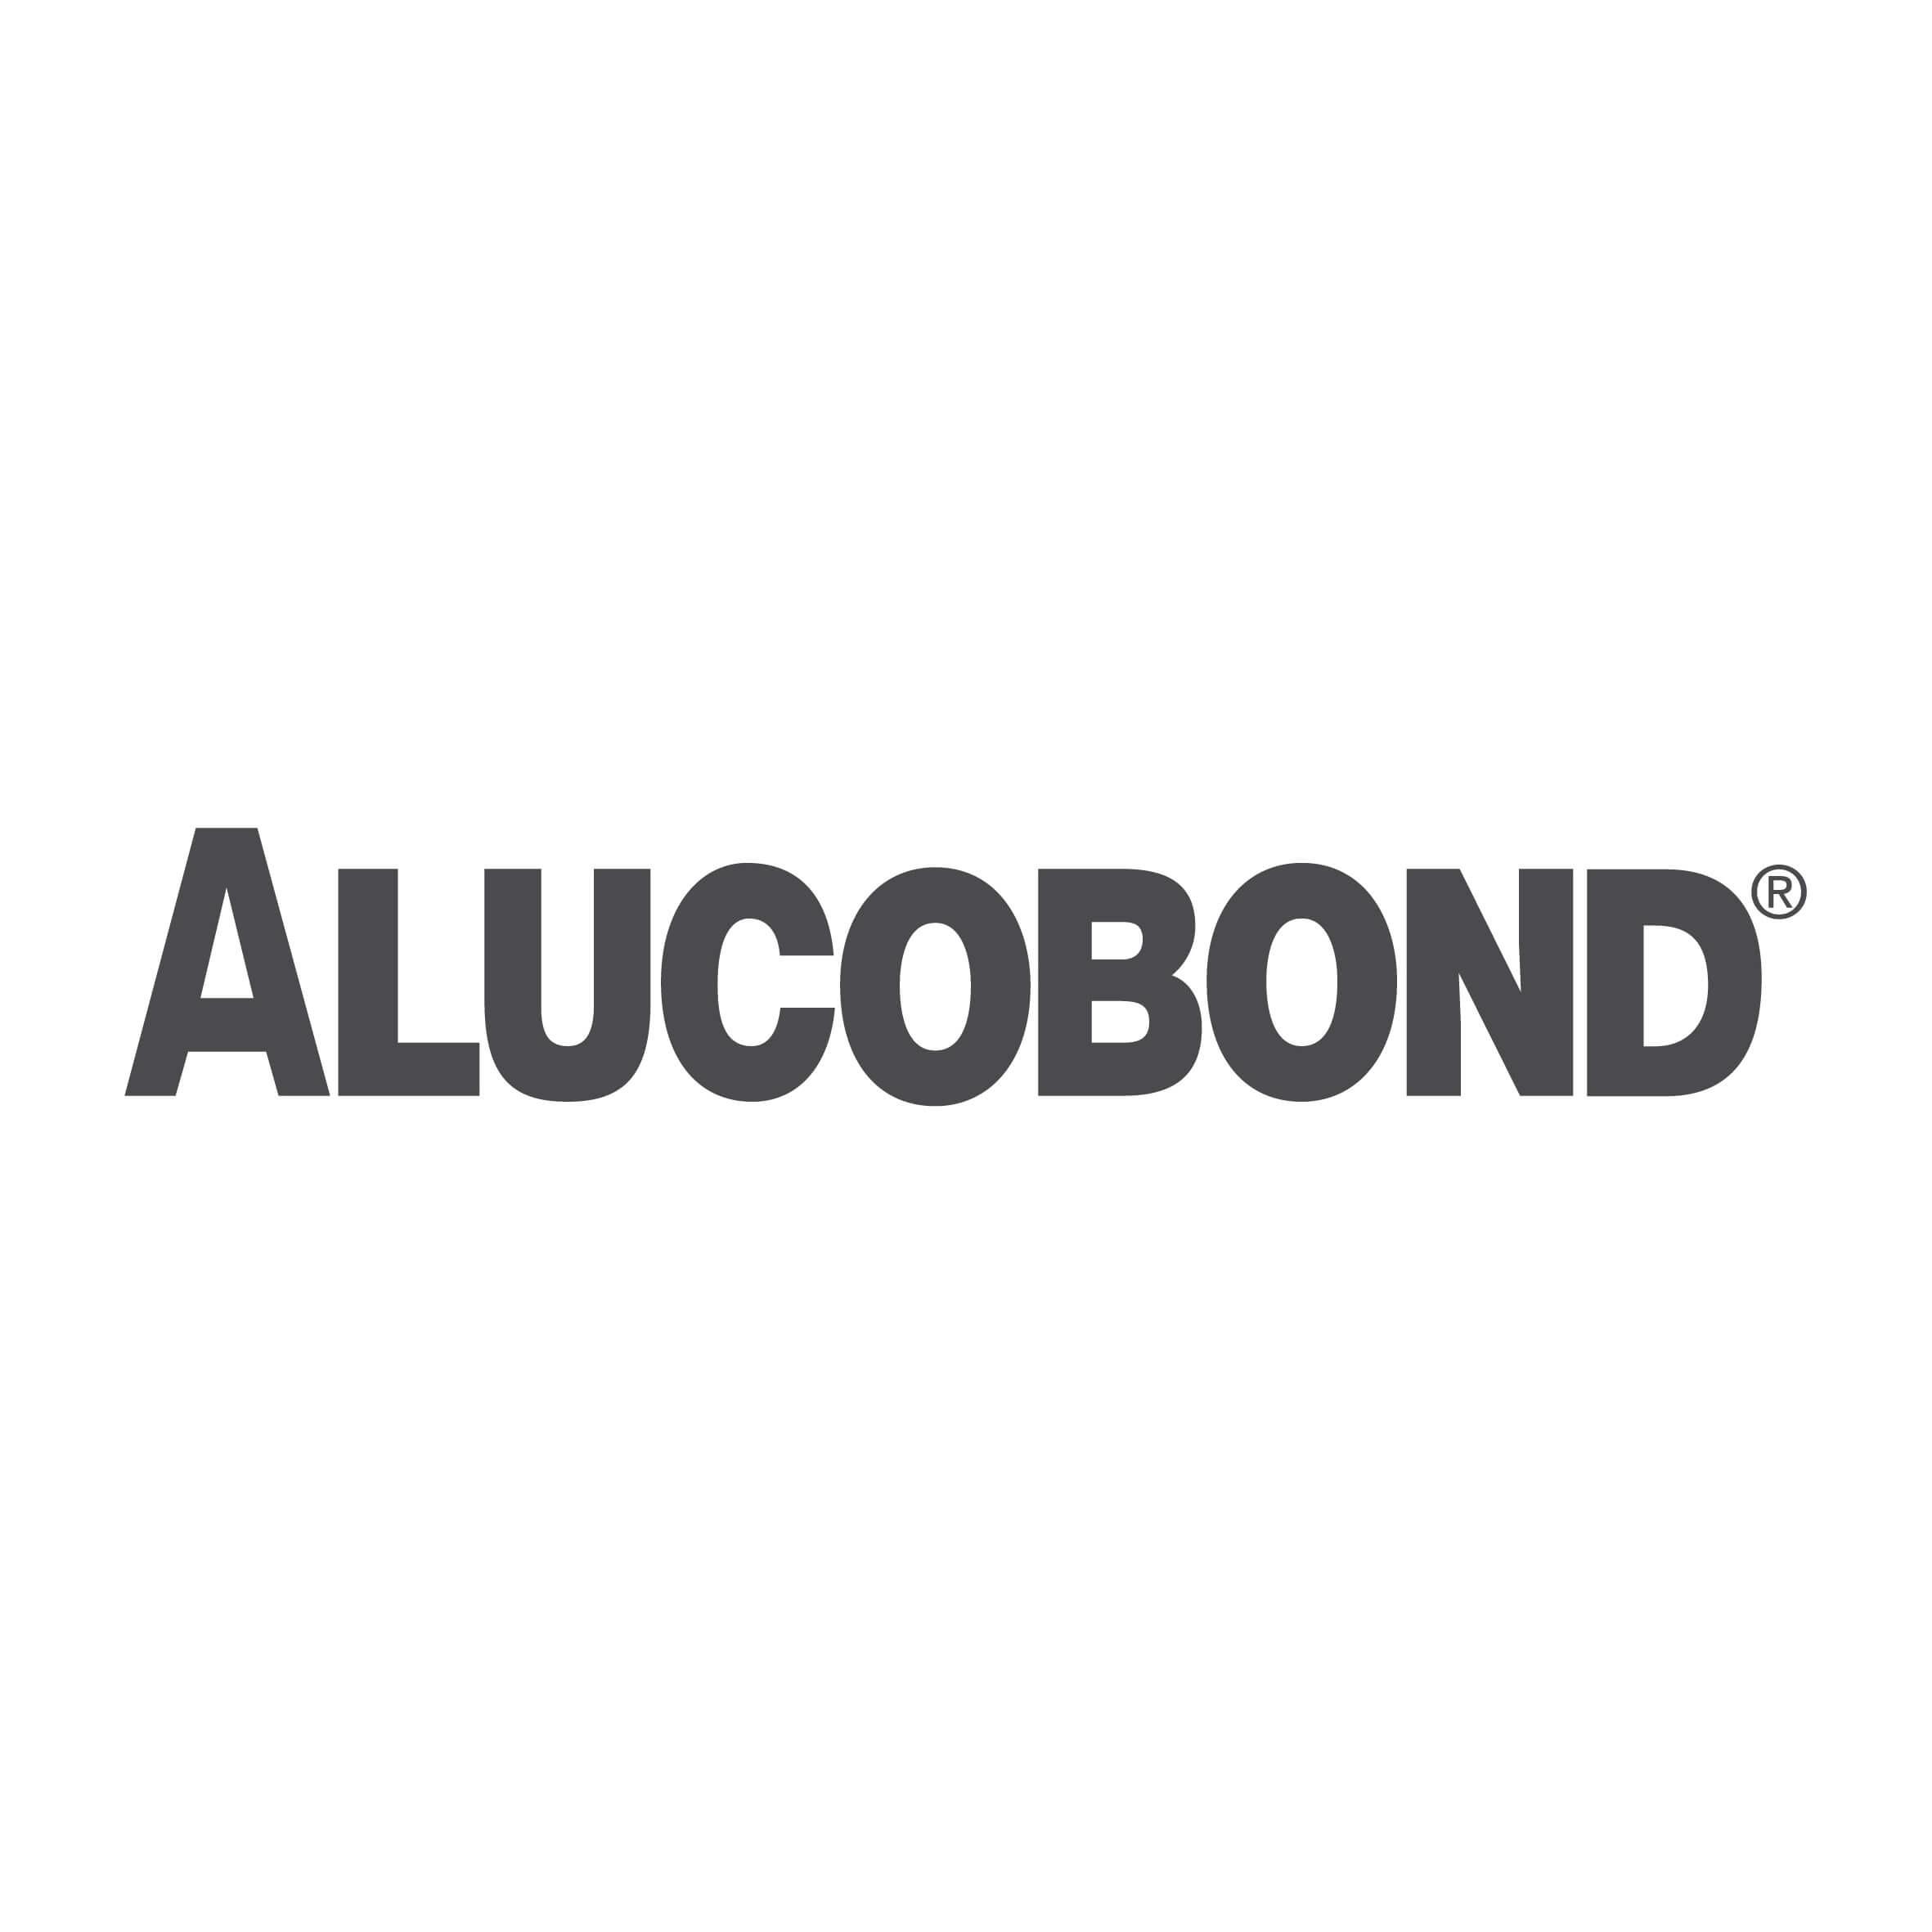 ALUCOBOND®